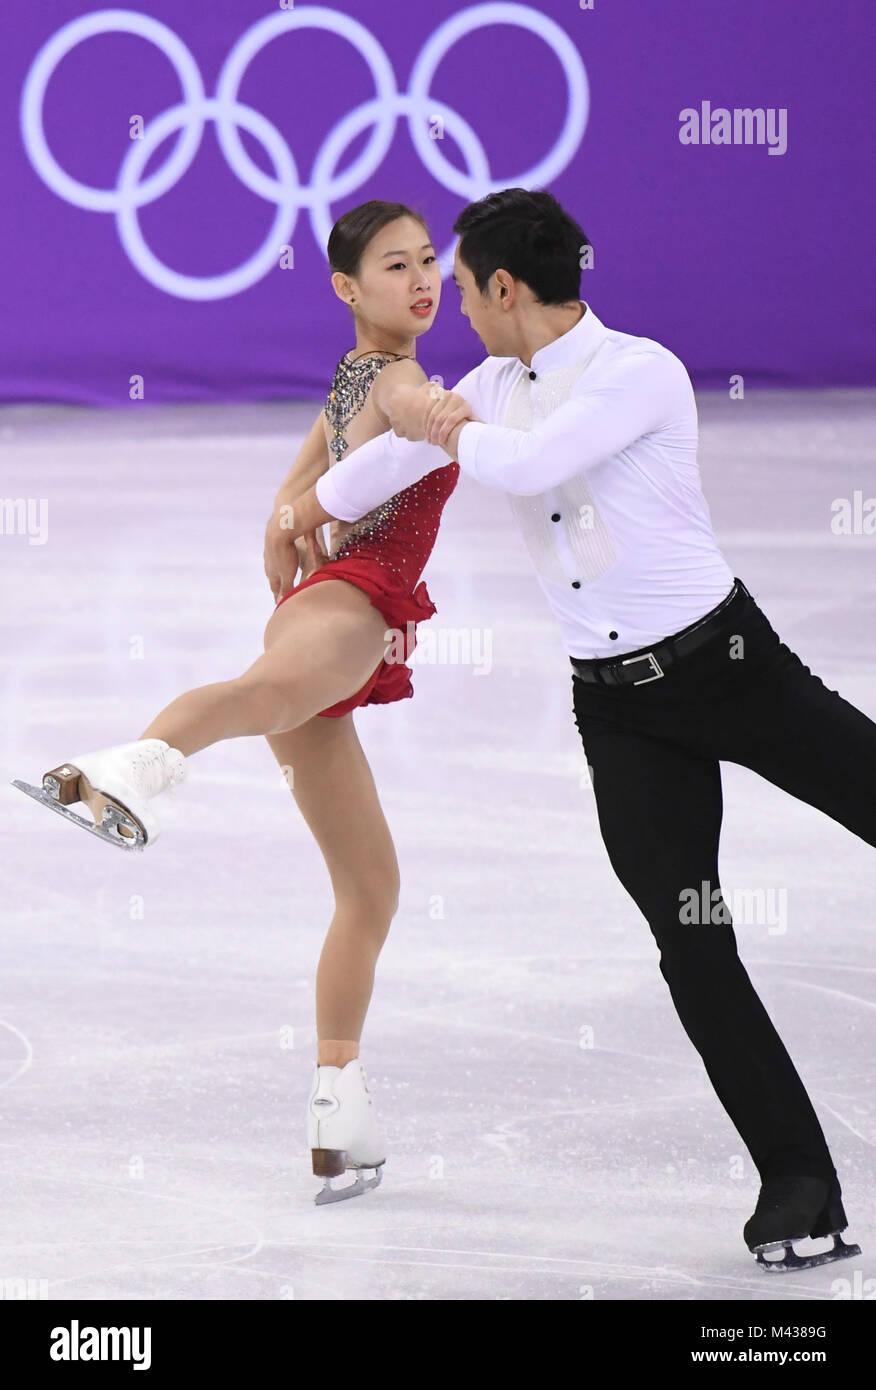 olympische Eiskunstlauf-Paare datieren